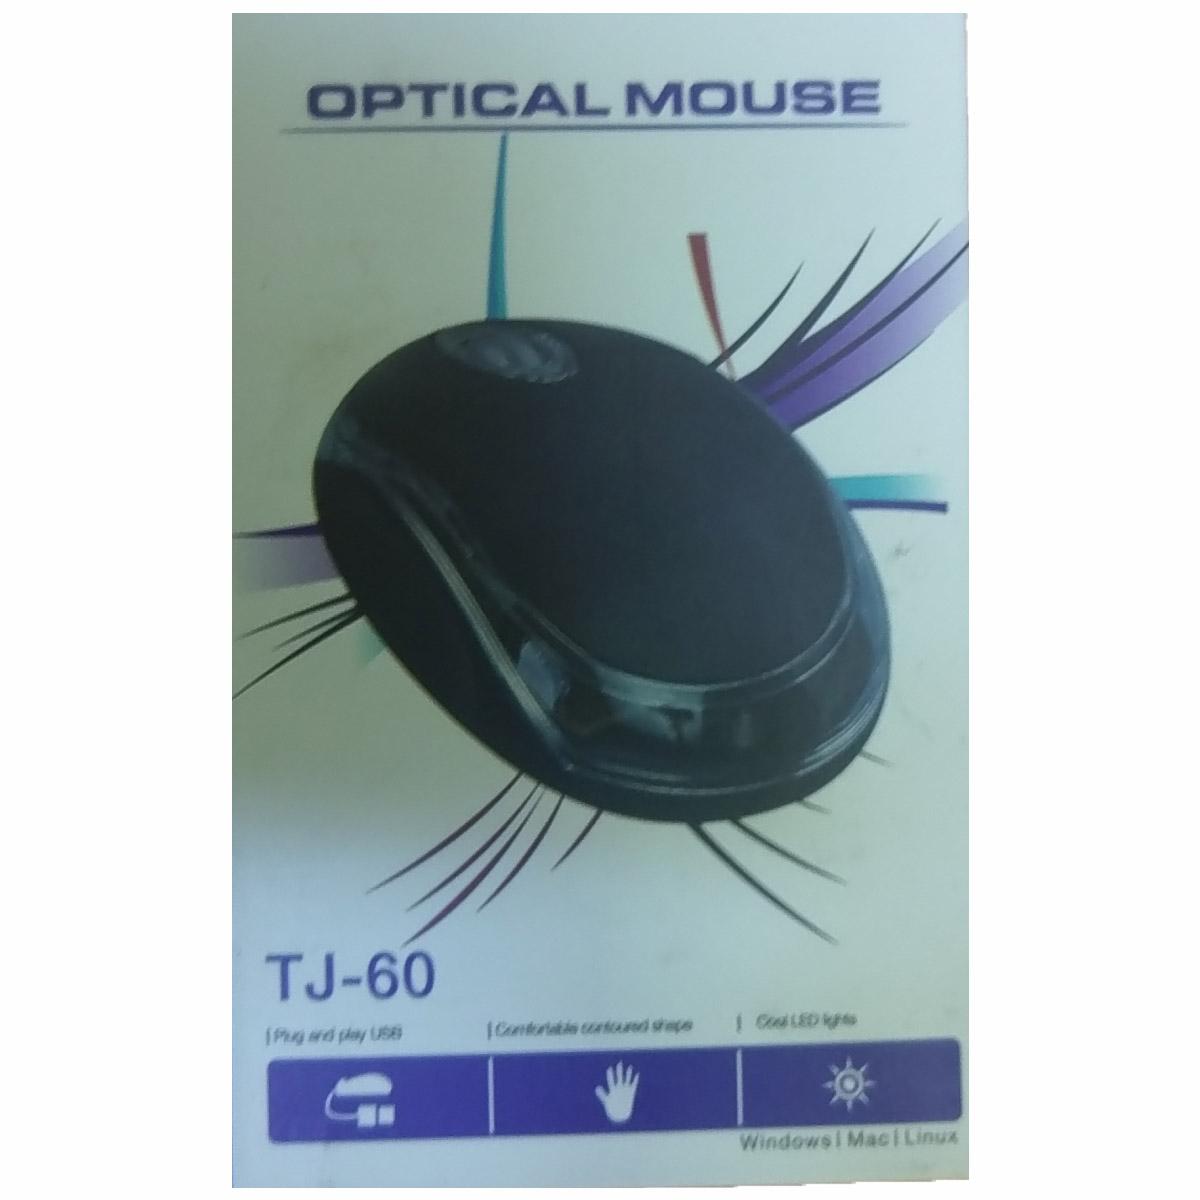 MOUSE TJ-60 OPTICAL MINI BLACK USB ,Mouse